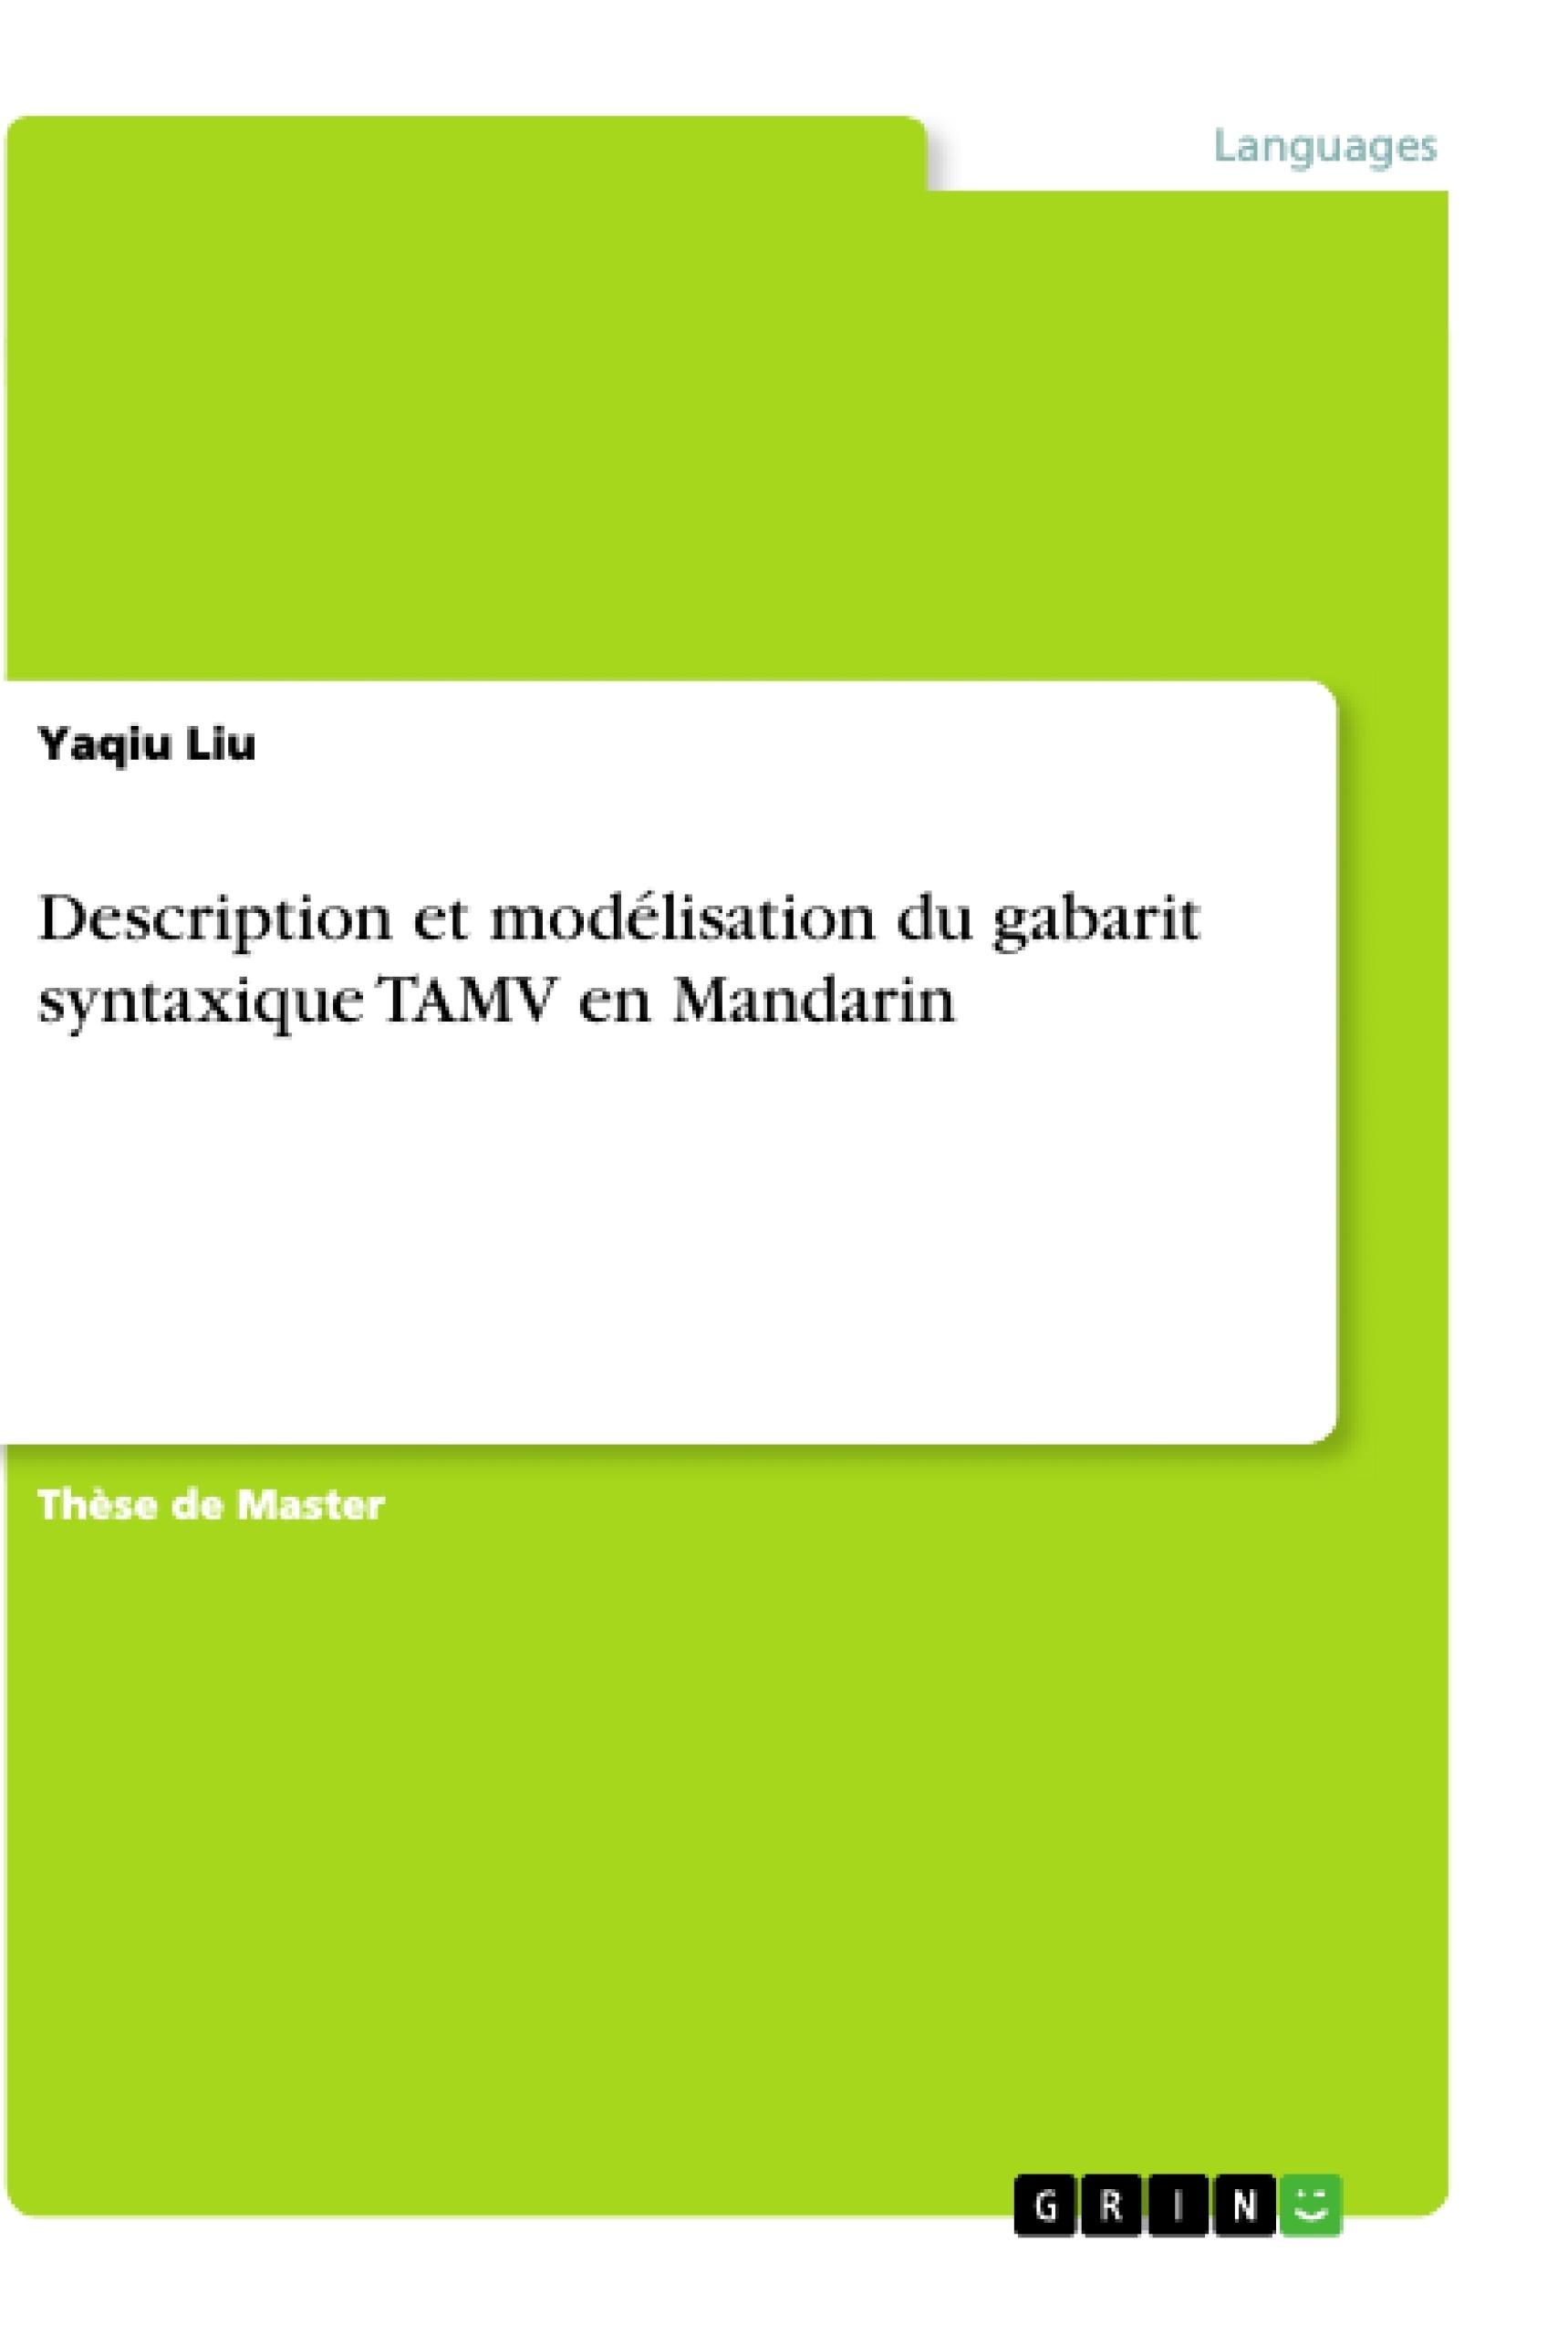 Titre: Description et modélisation du gabarit syntaxique TAMV en Mandarin